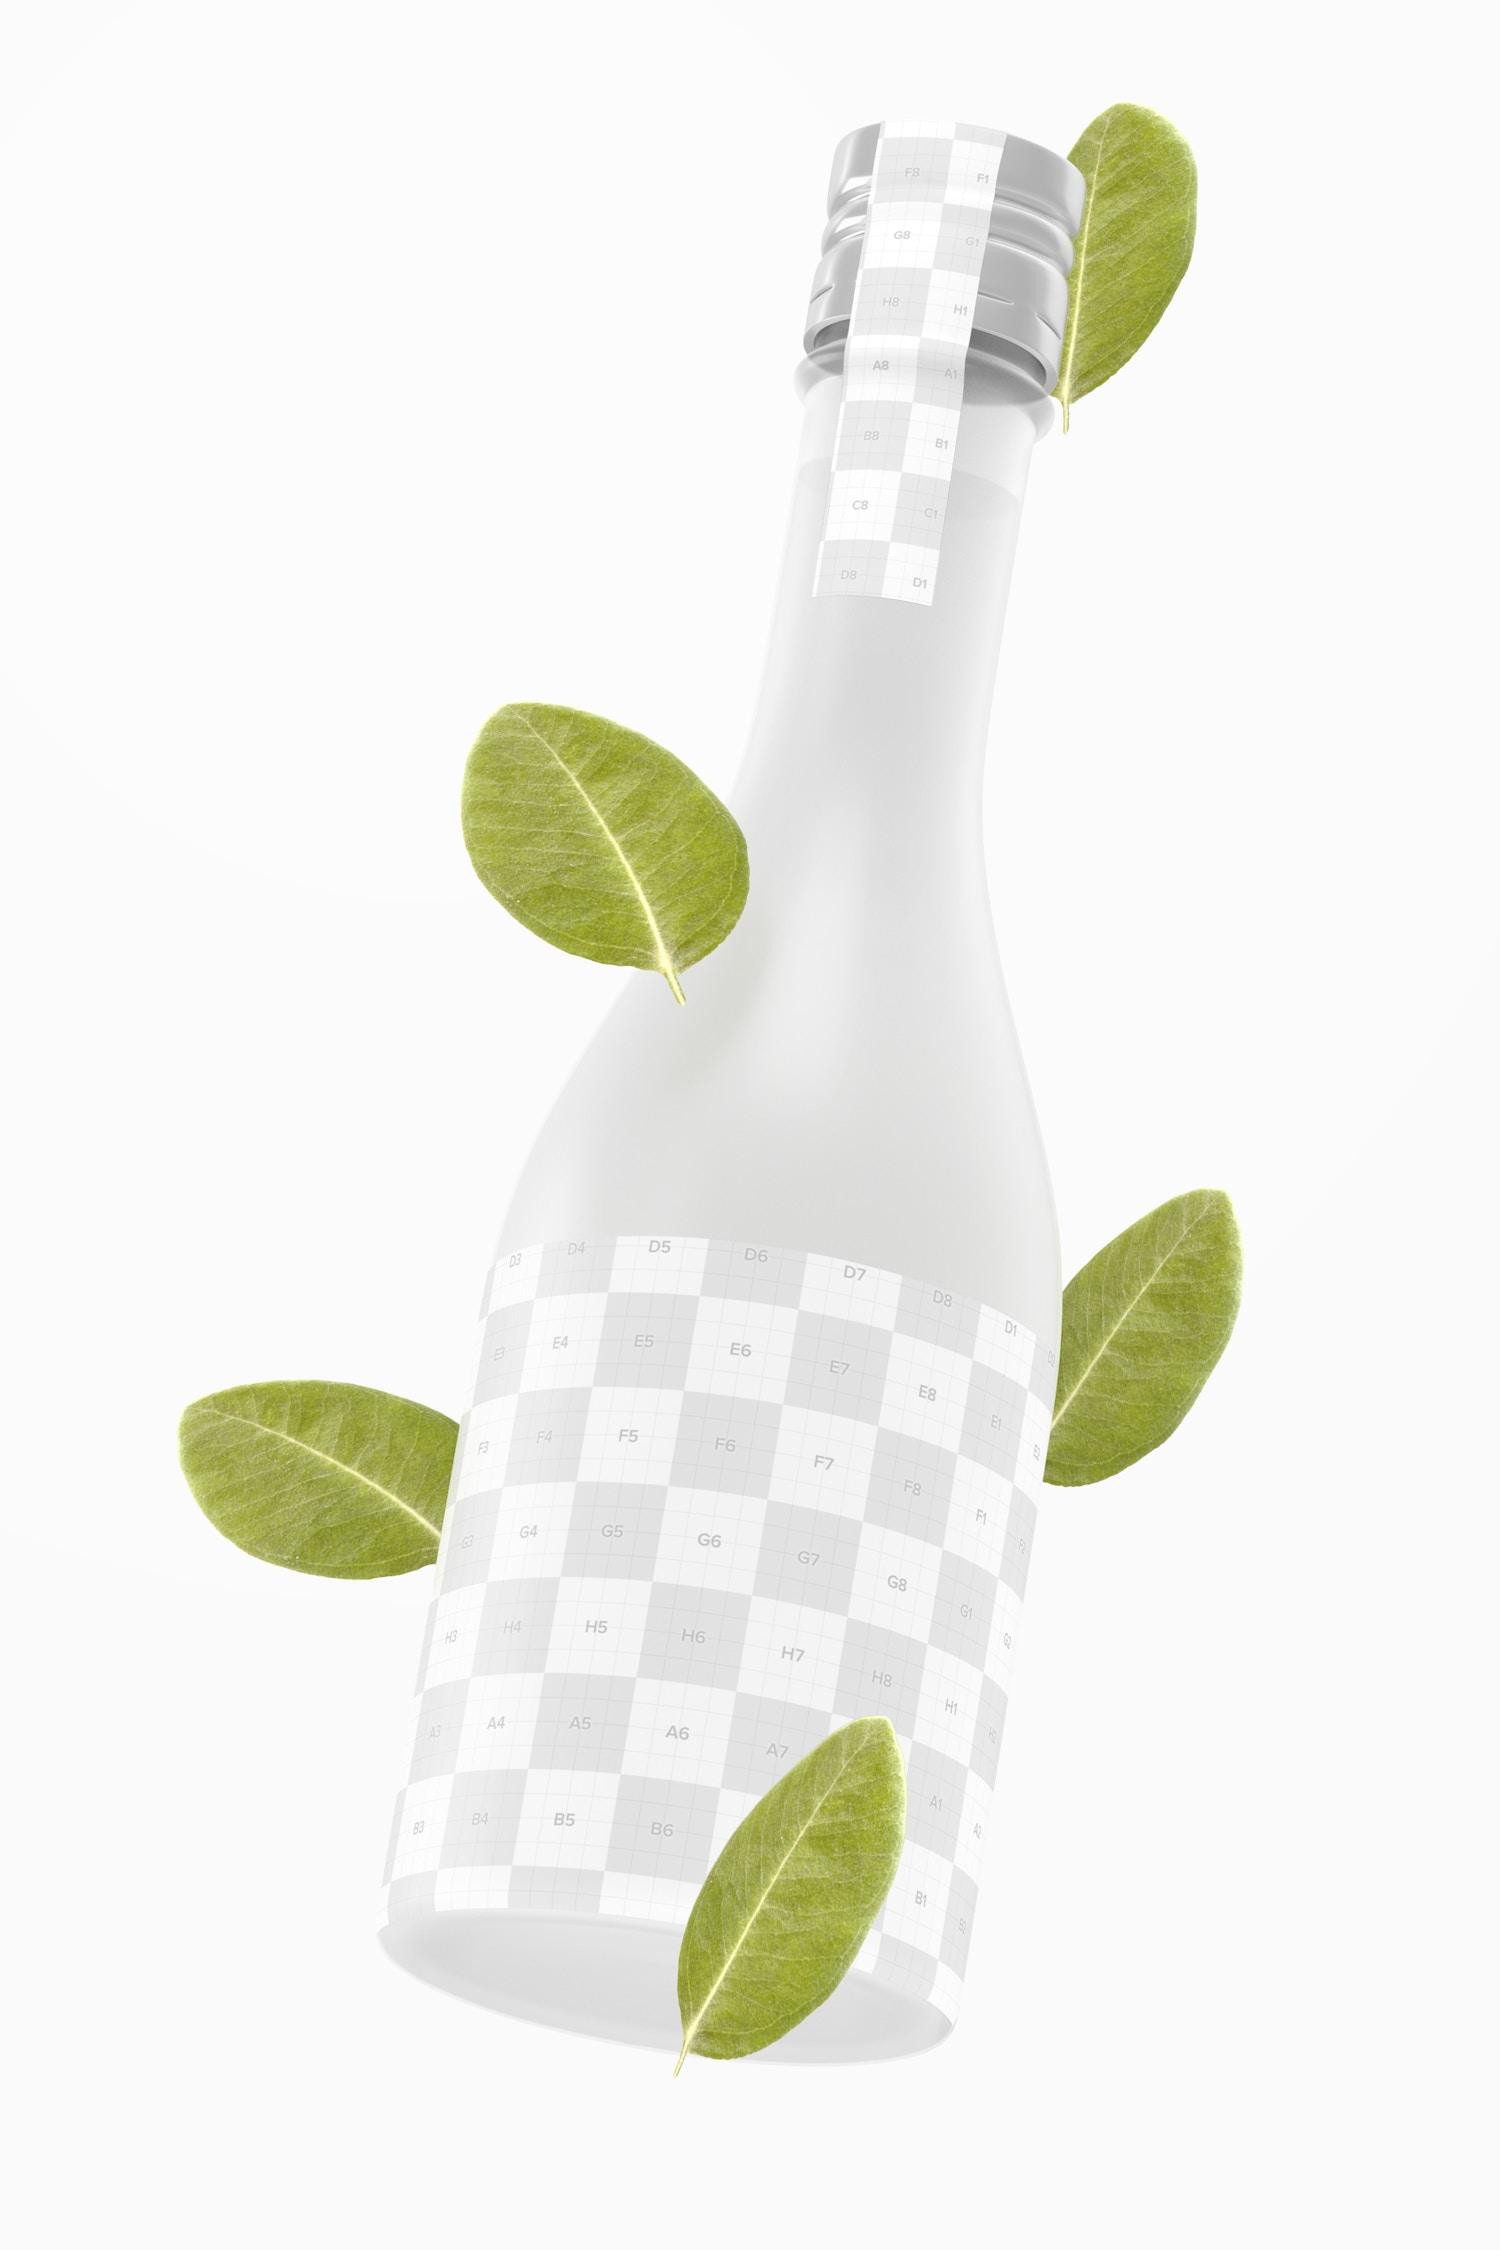 Sake Bottle Mockup, Floating